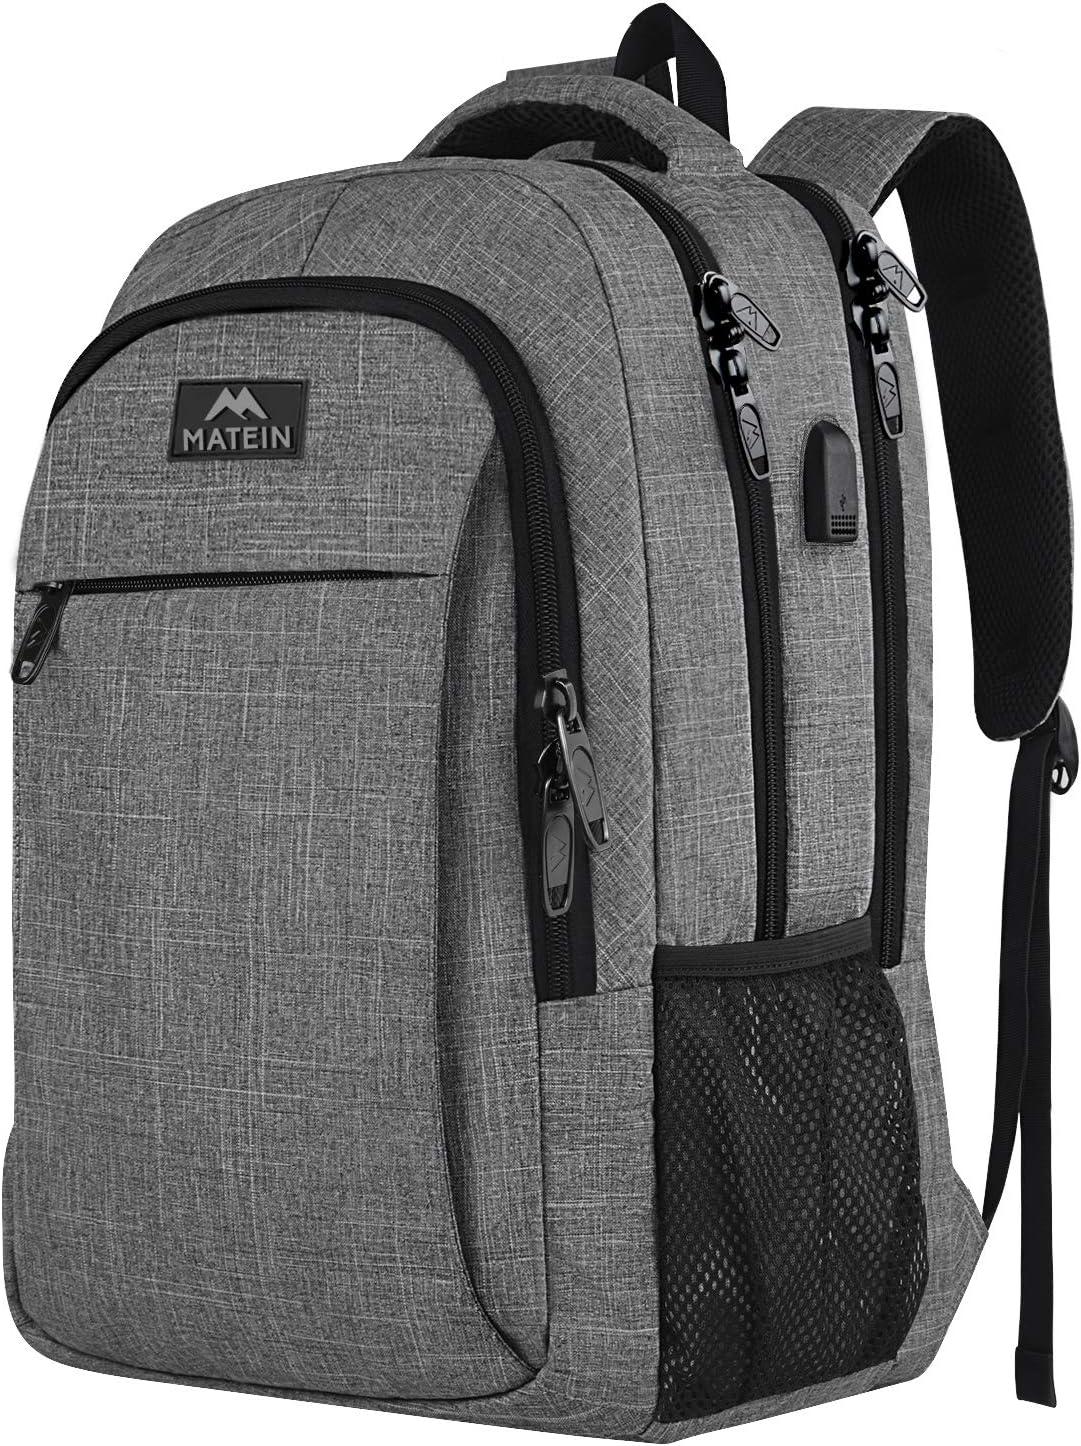 Mochila de viaje portátil, mochila profesional de negocios con puerto de carga USB, mochila escolar liviana resistente al agua para mujeres y hombres, para portátil de 15.6 pulgadas y portátil gris